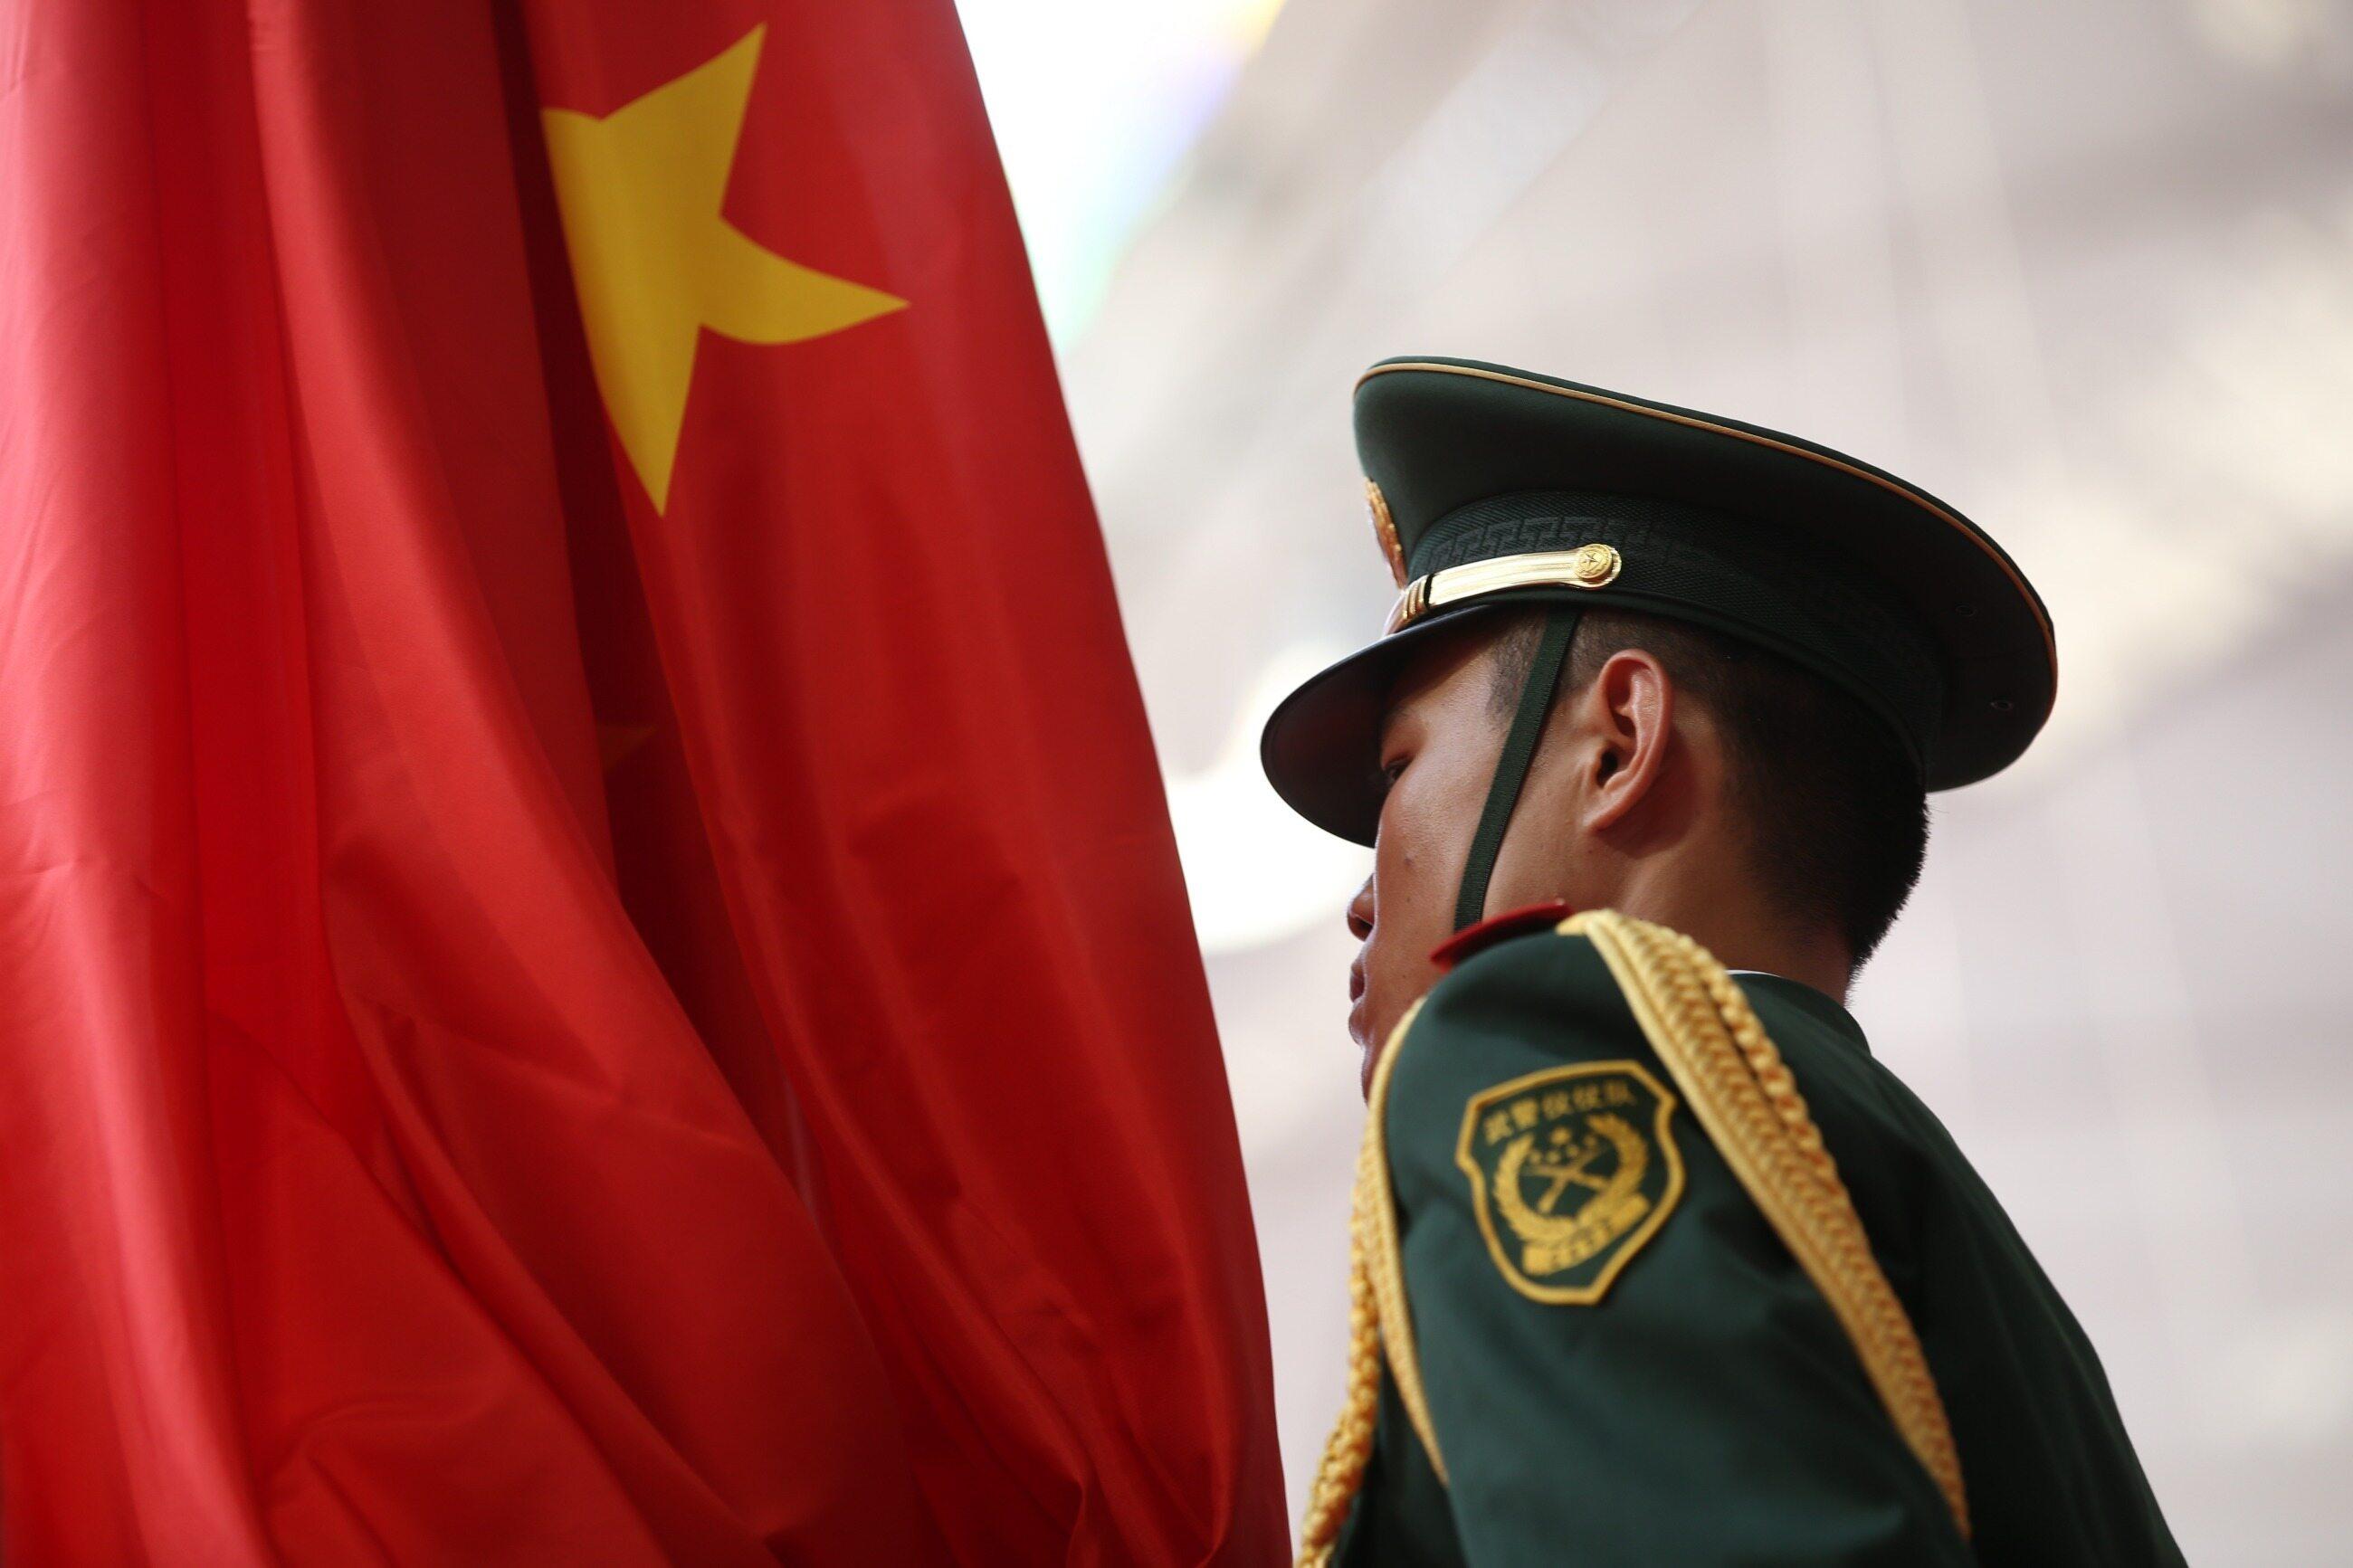 Chiński żołnierz